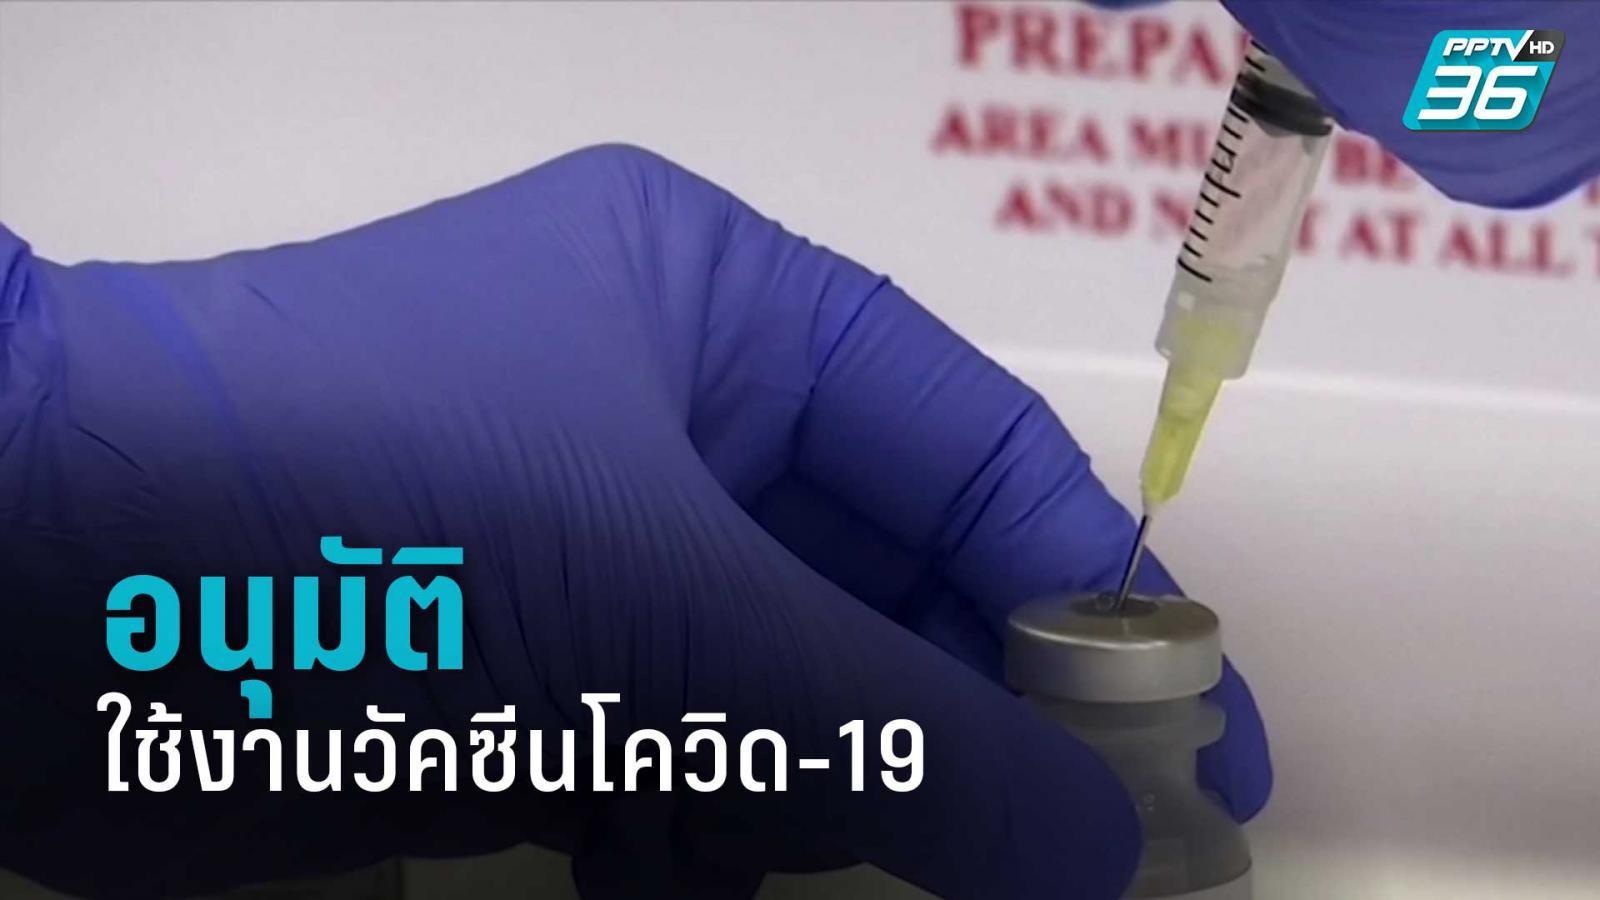 อย.สหรัฐฯ อนุมัติ ใช้งานวัคซีนโควิด-19 ของไฟเซอร์แล้ว